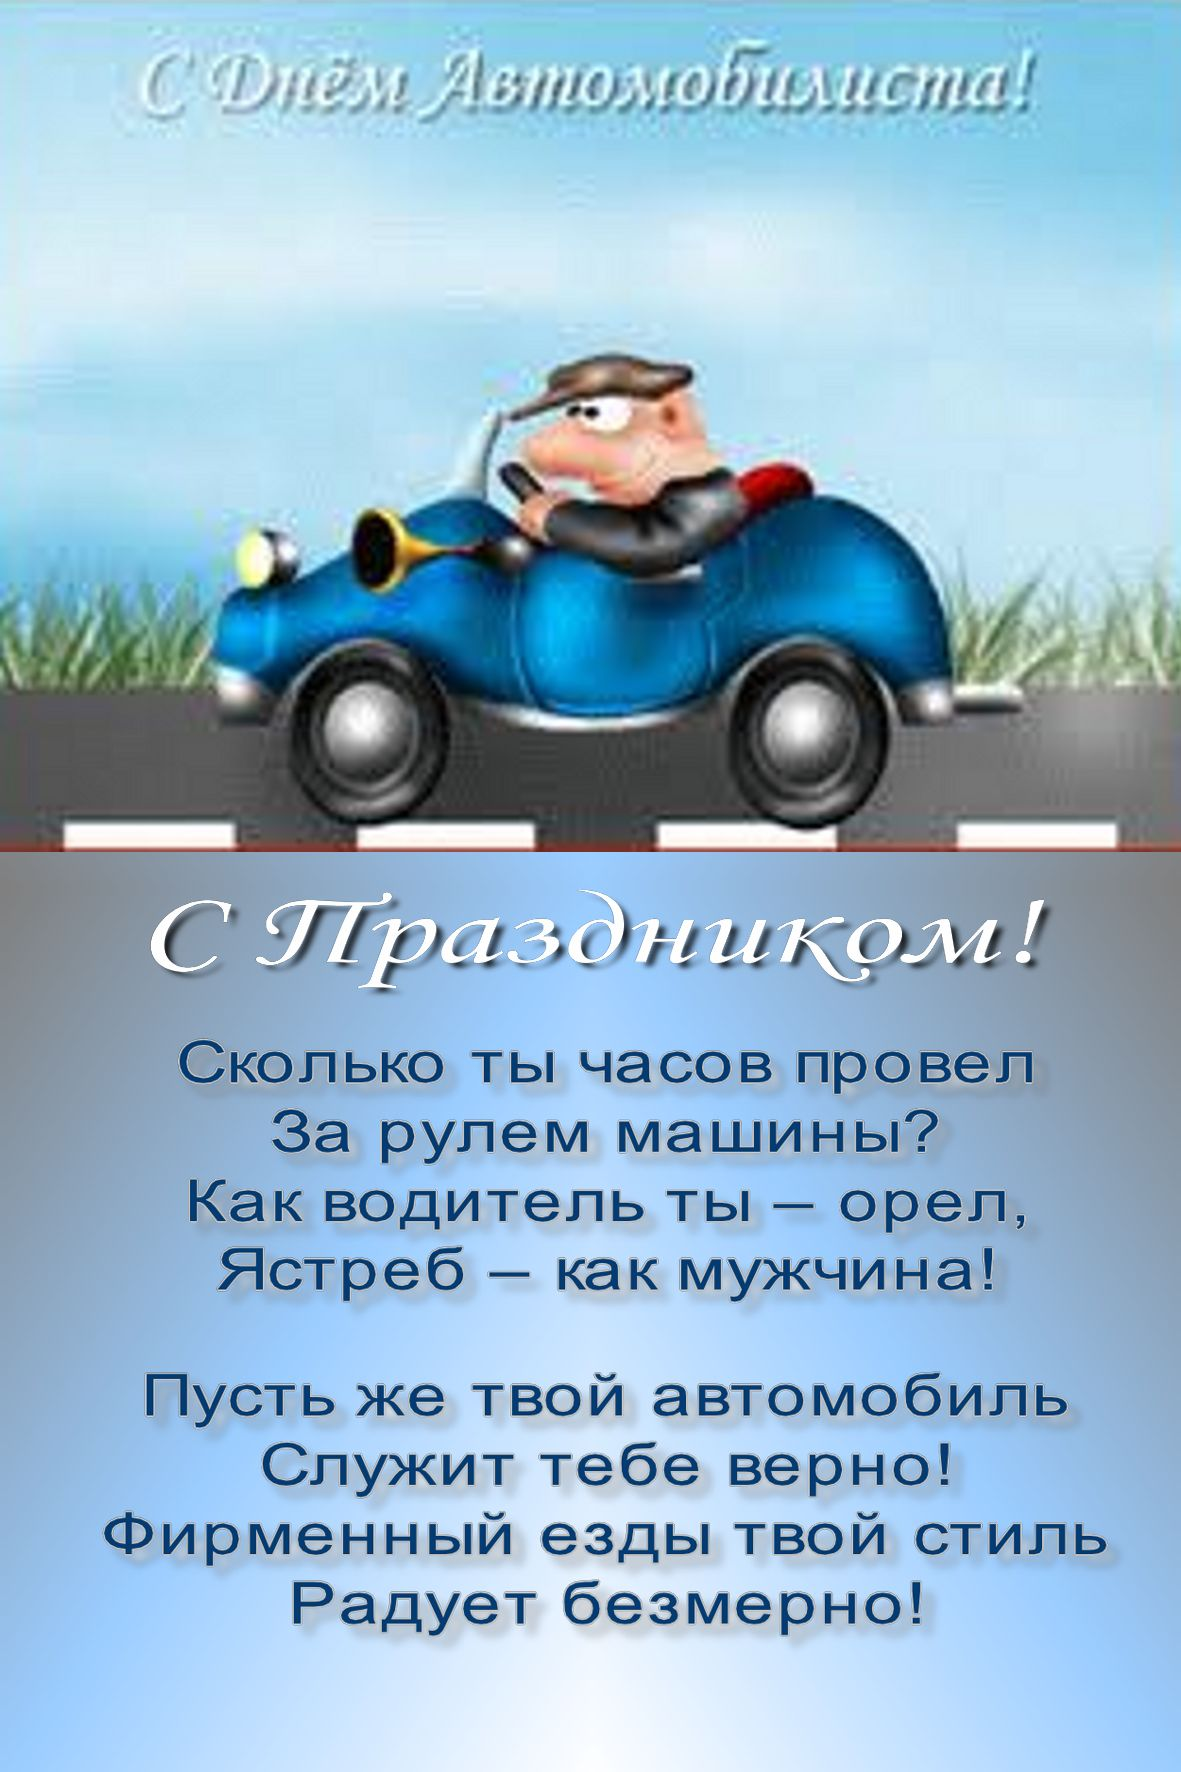 Праздник день автомобилиста поздравление